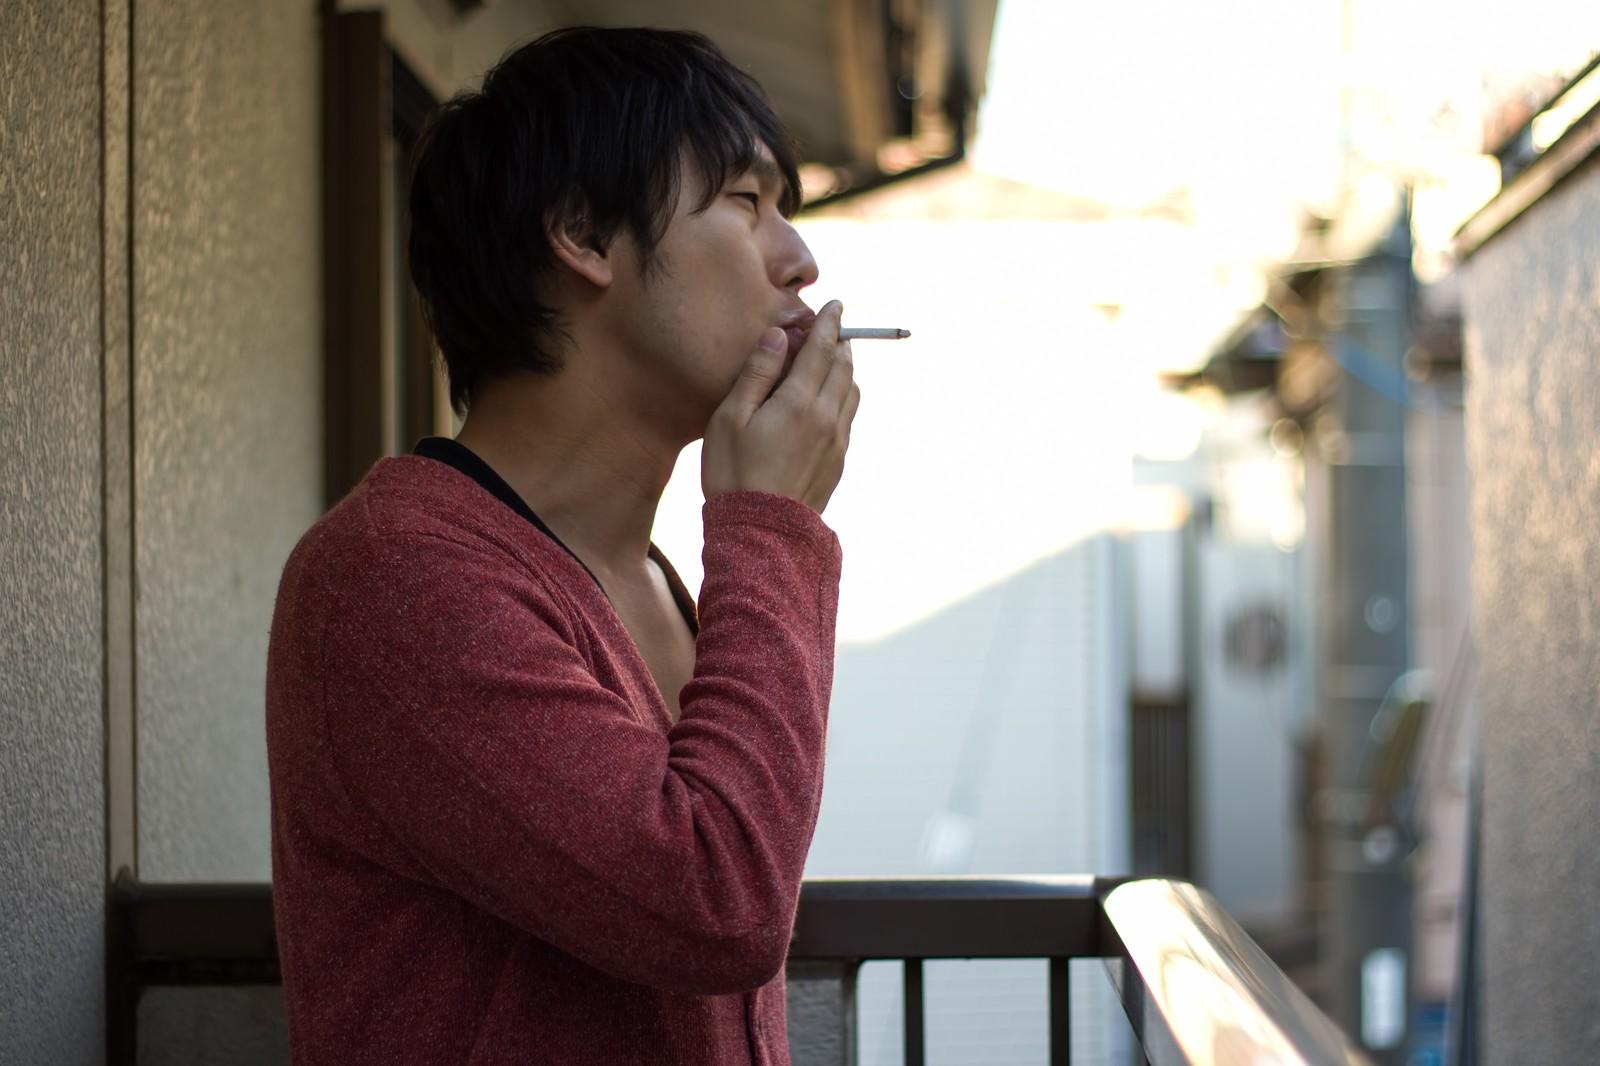 男性がタバコを吸っている写真